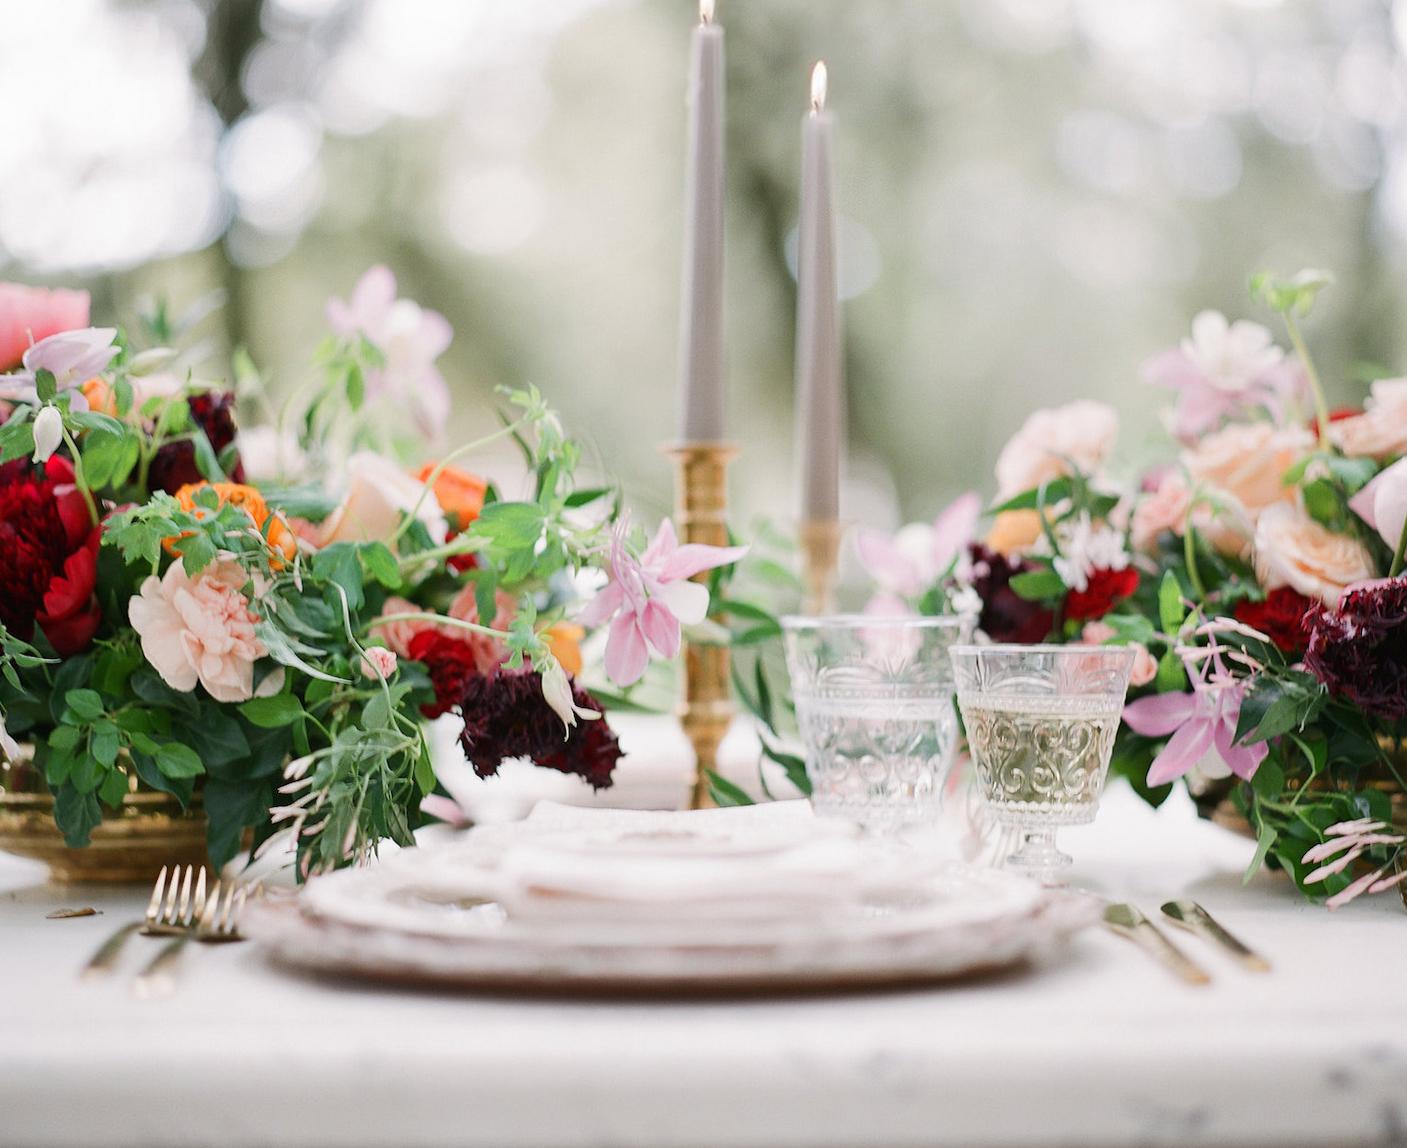 Alain M photographe mariage - Blog mariage : La mariée aux pieds nus